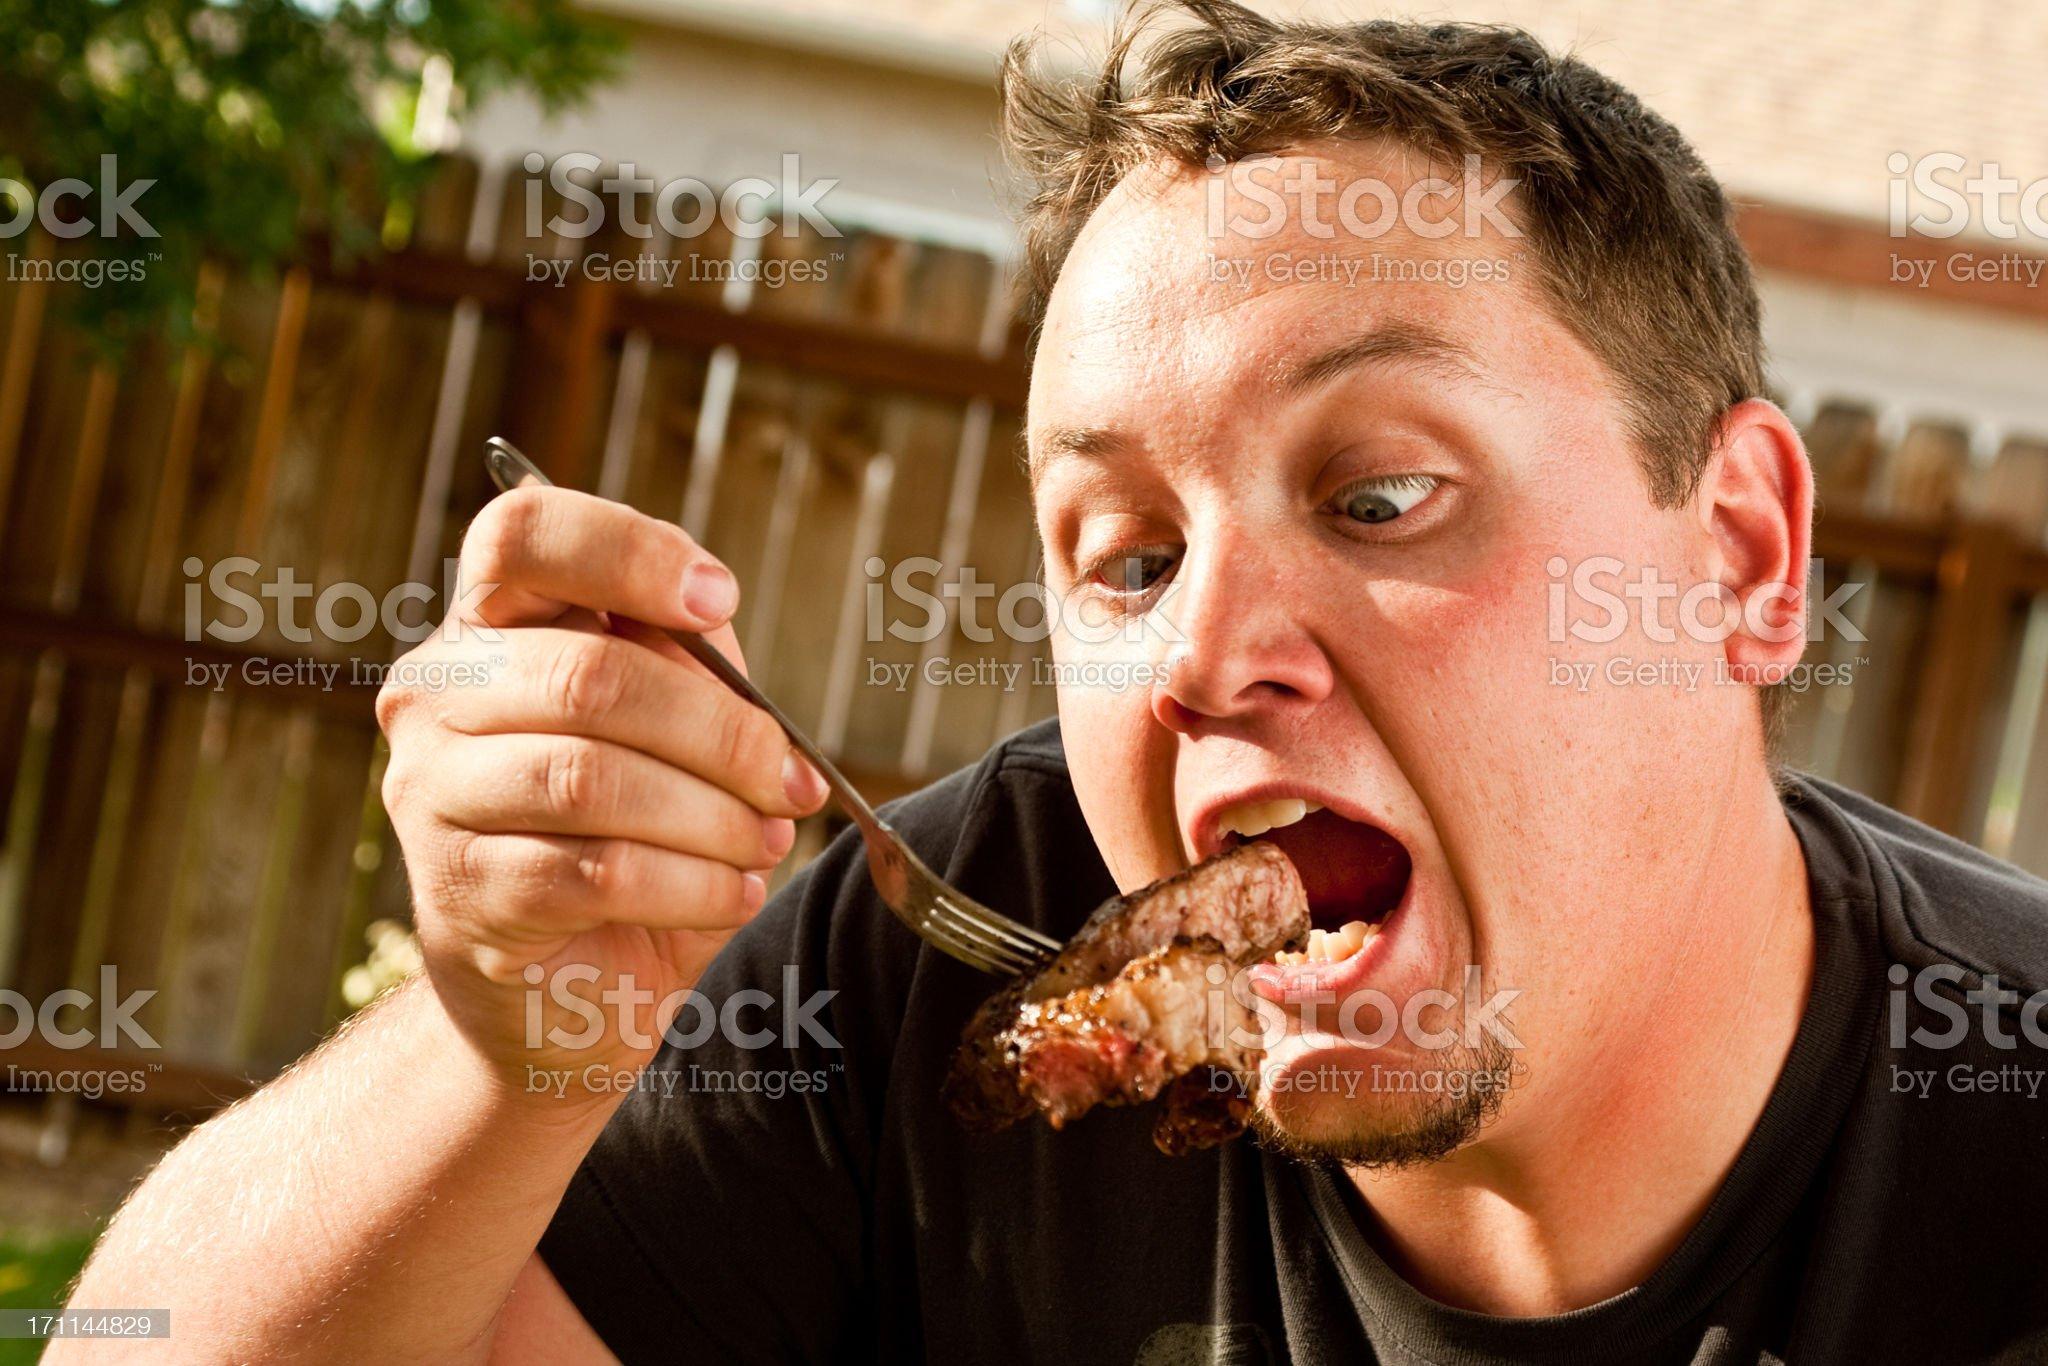 Man Eating Steak royalty-free stock photo